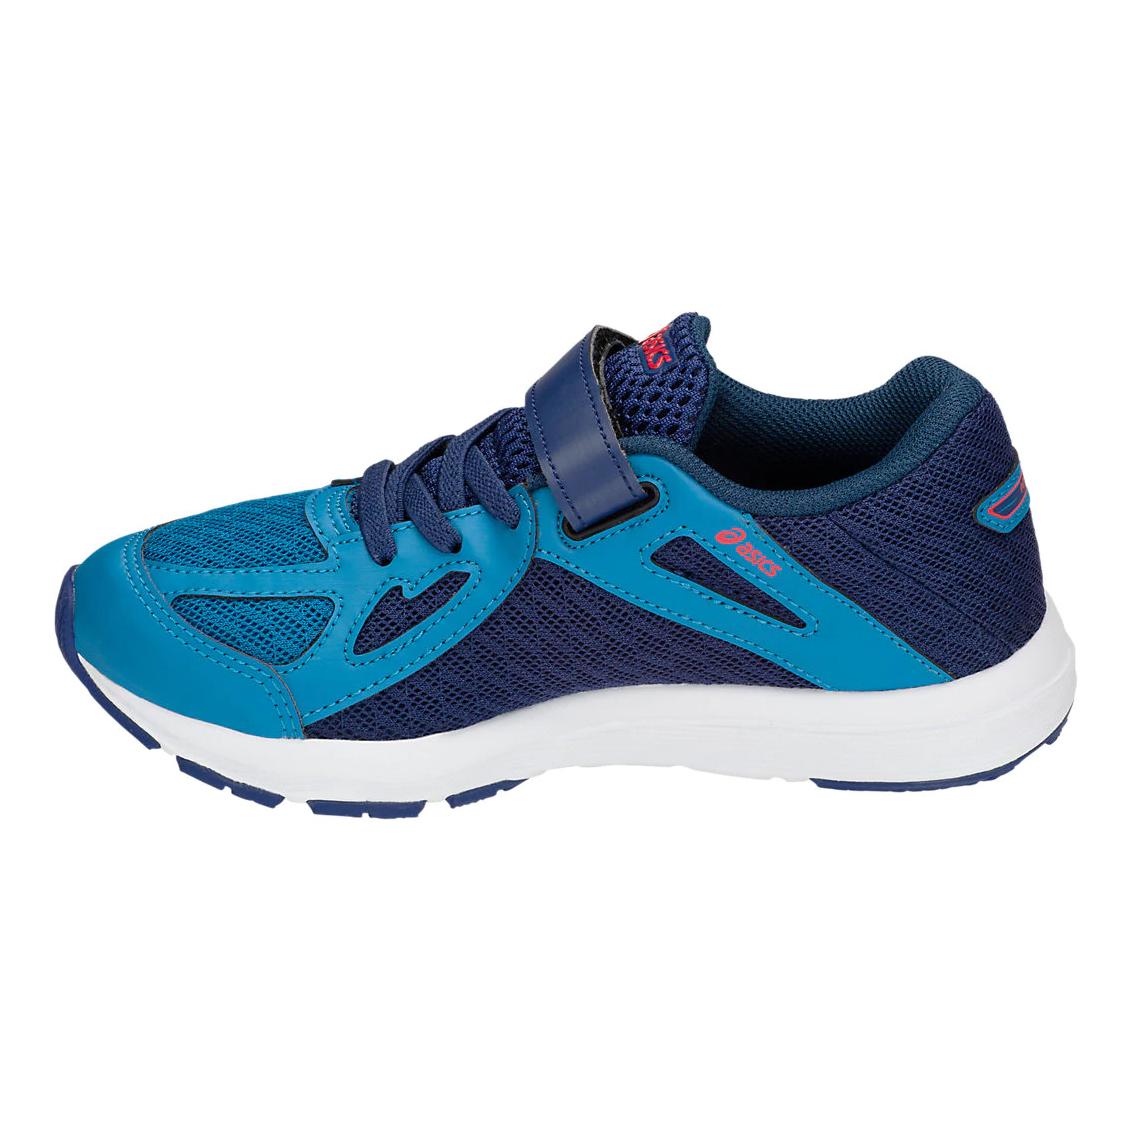 Asics Velcro Junior 8835   Amplica PS Chaussure De Course Velcro Bleu   0f02182 - alleyblooz.info